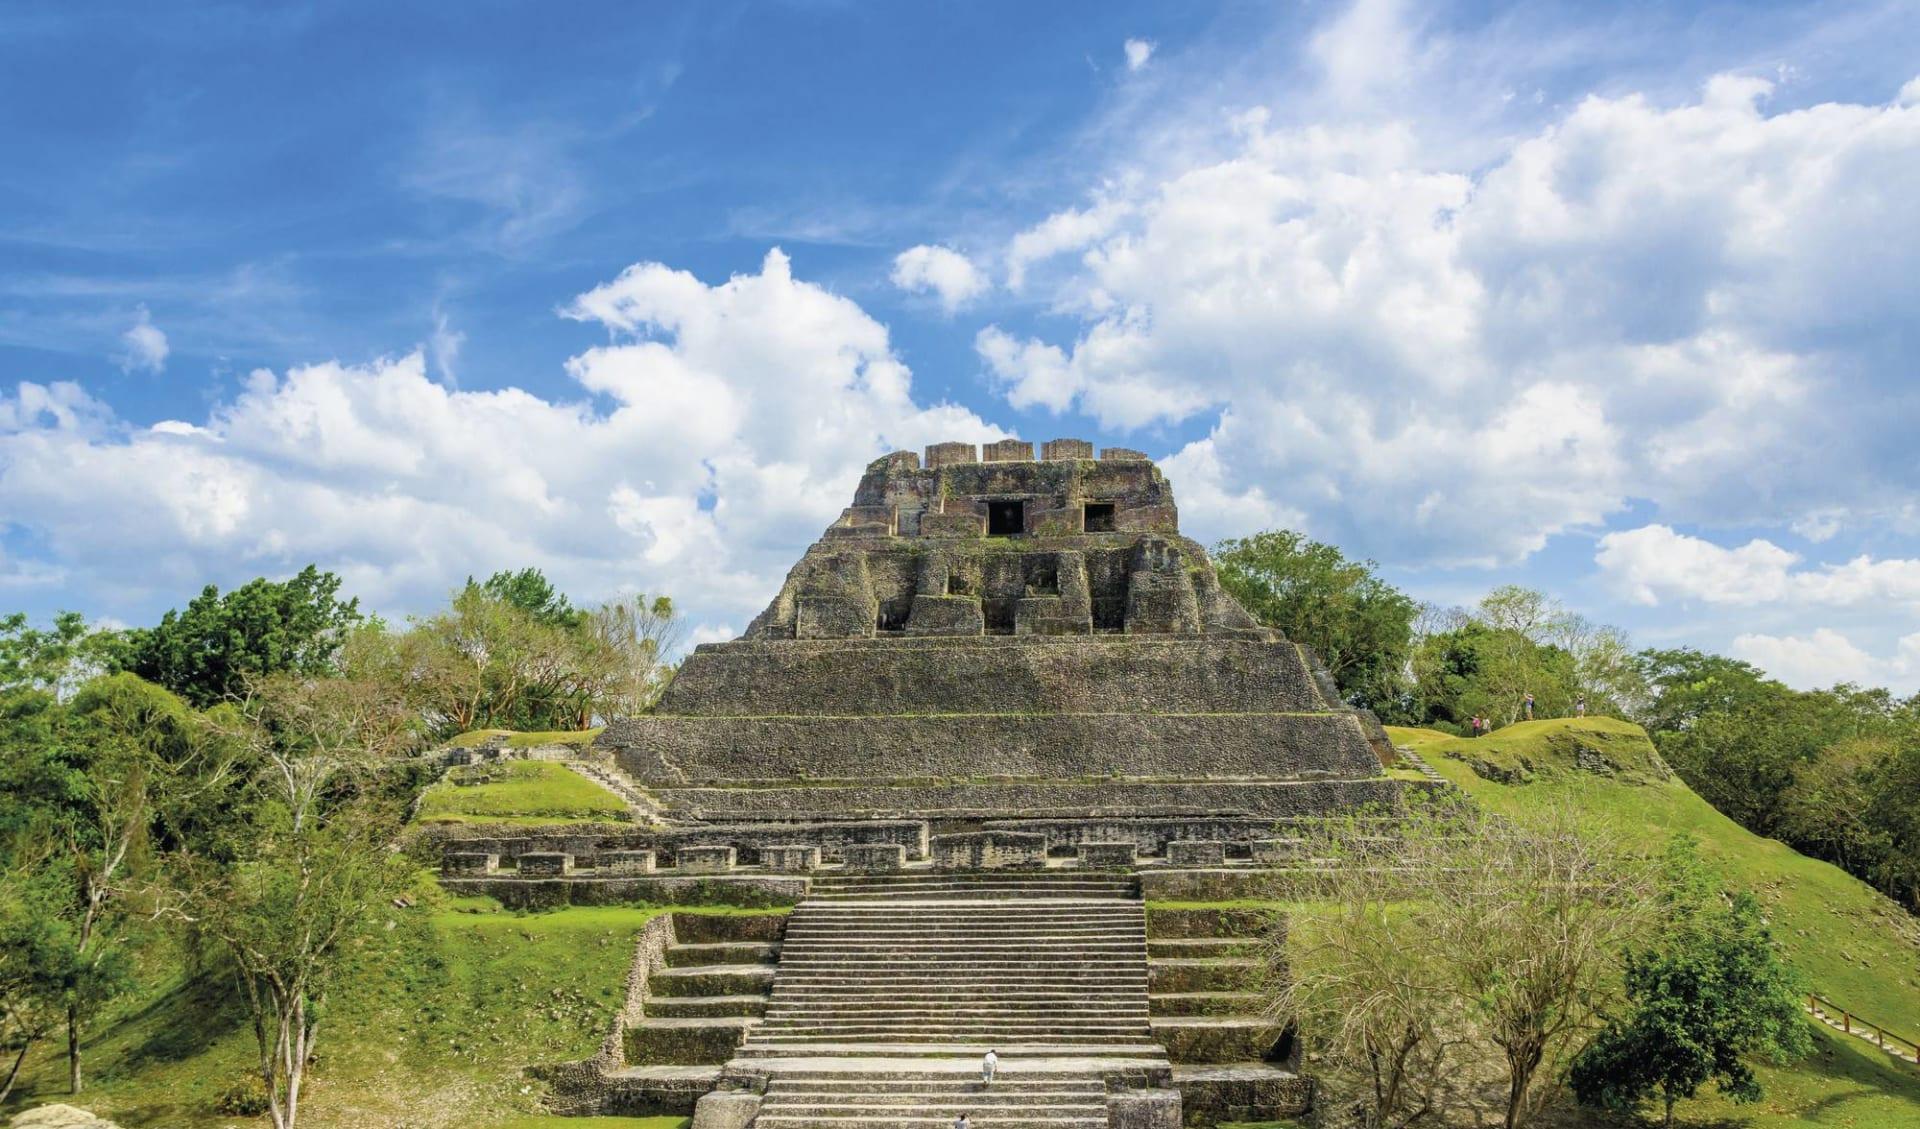 Gruppenreise Das Erbe der Maya ab Cancun: Karibik - Belize - Ruinen von Xunantunich